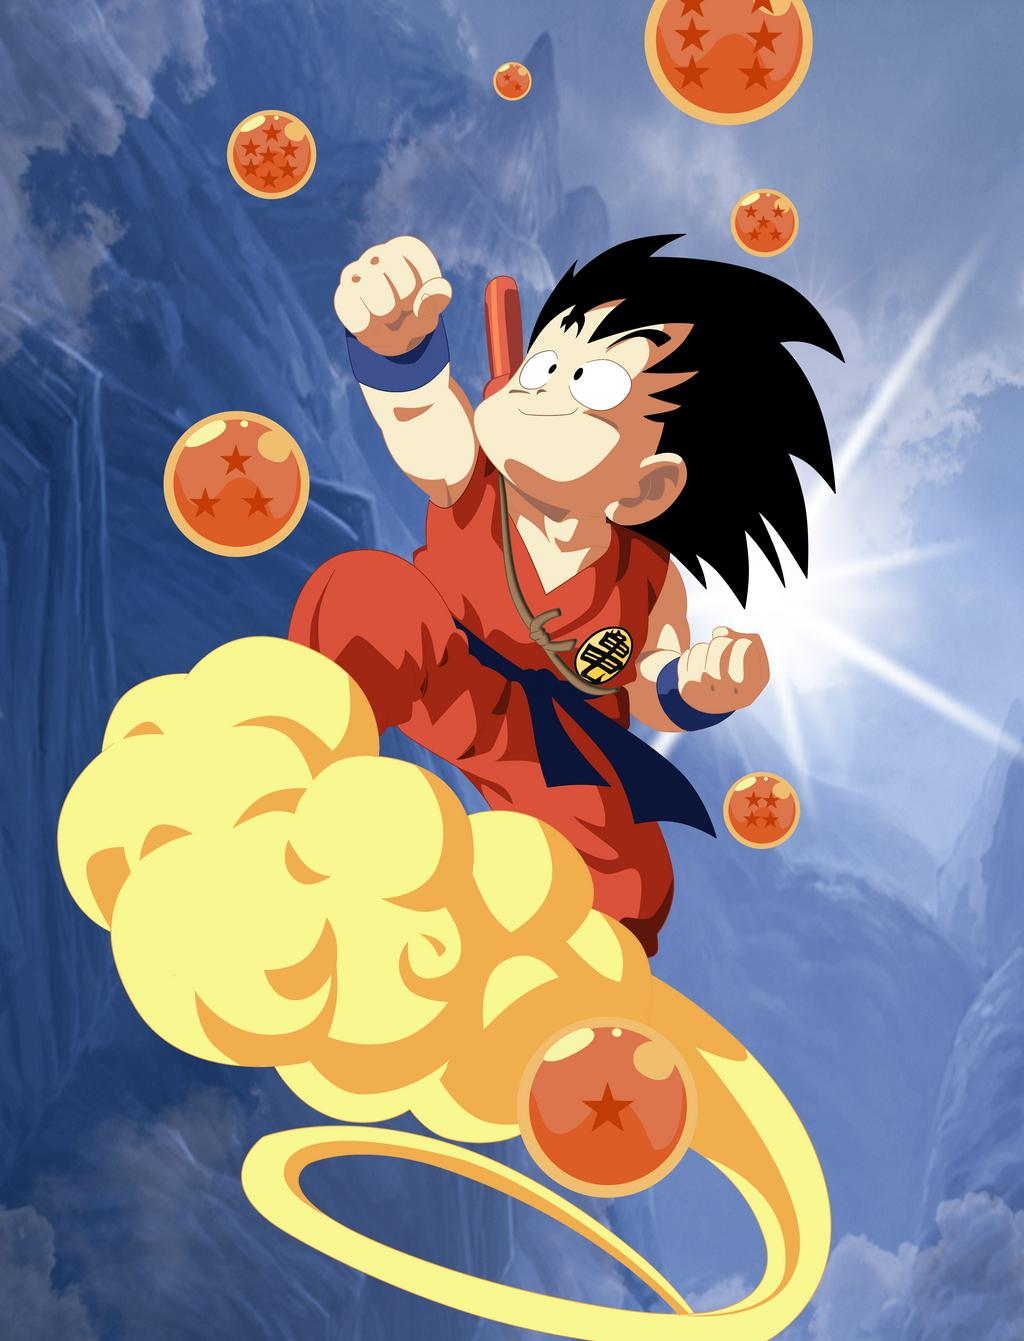 7 dragon balls and flying nimbus